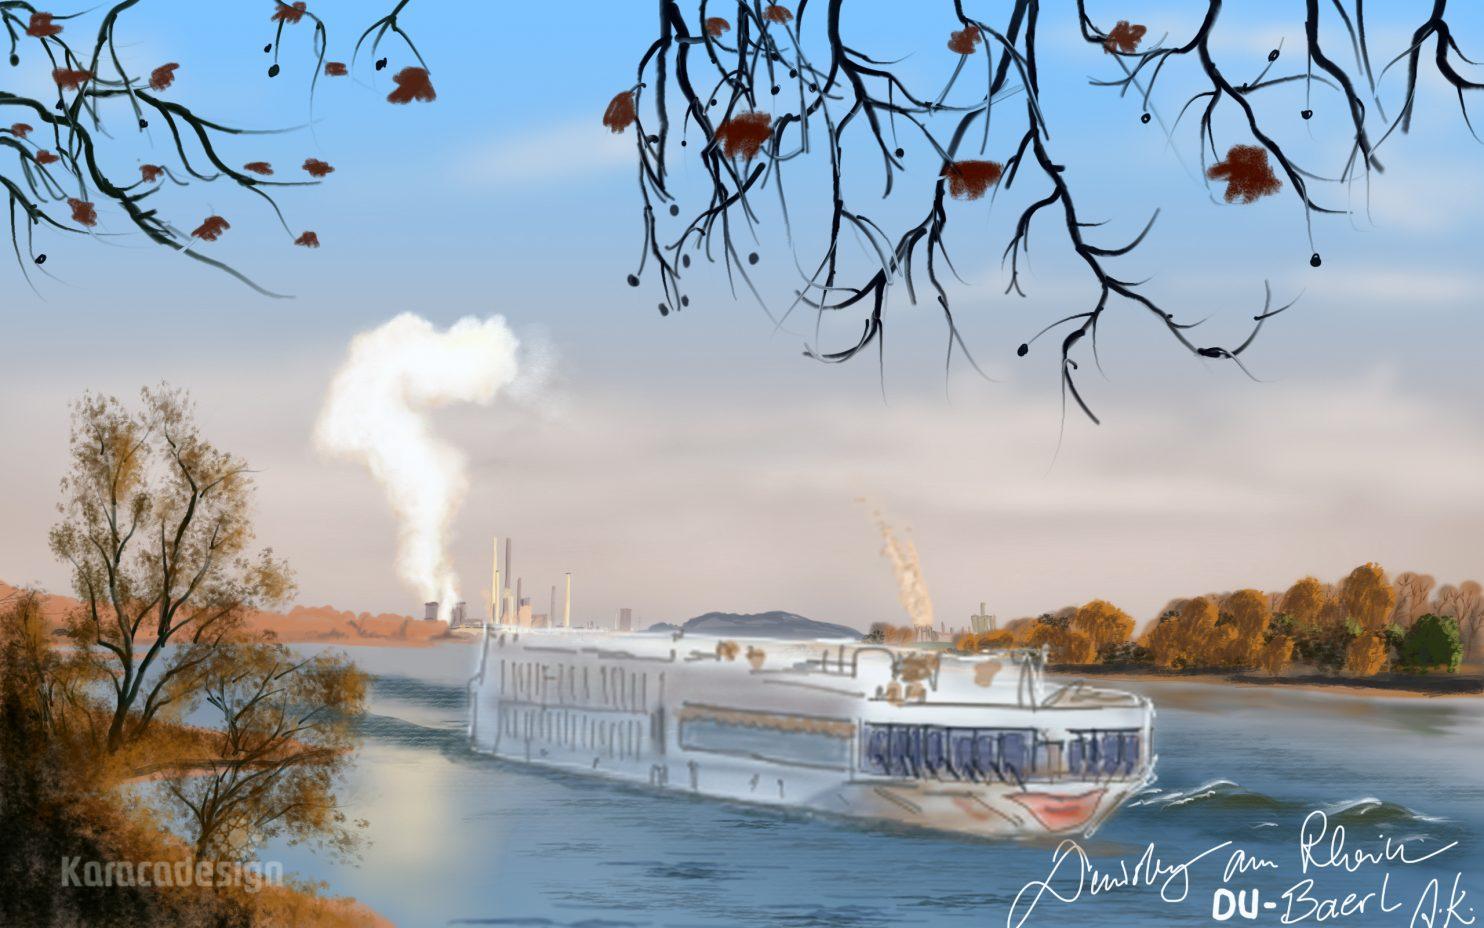 Duisburg on the Rhine, Duisburg Baerl